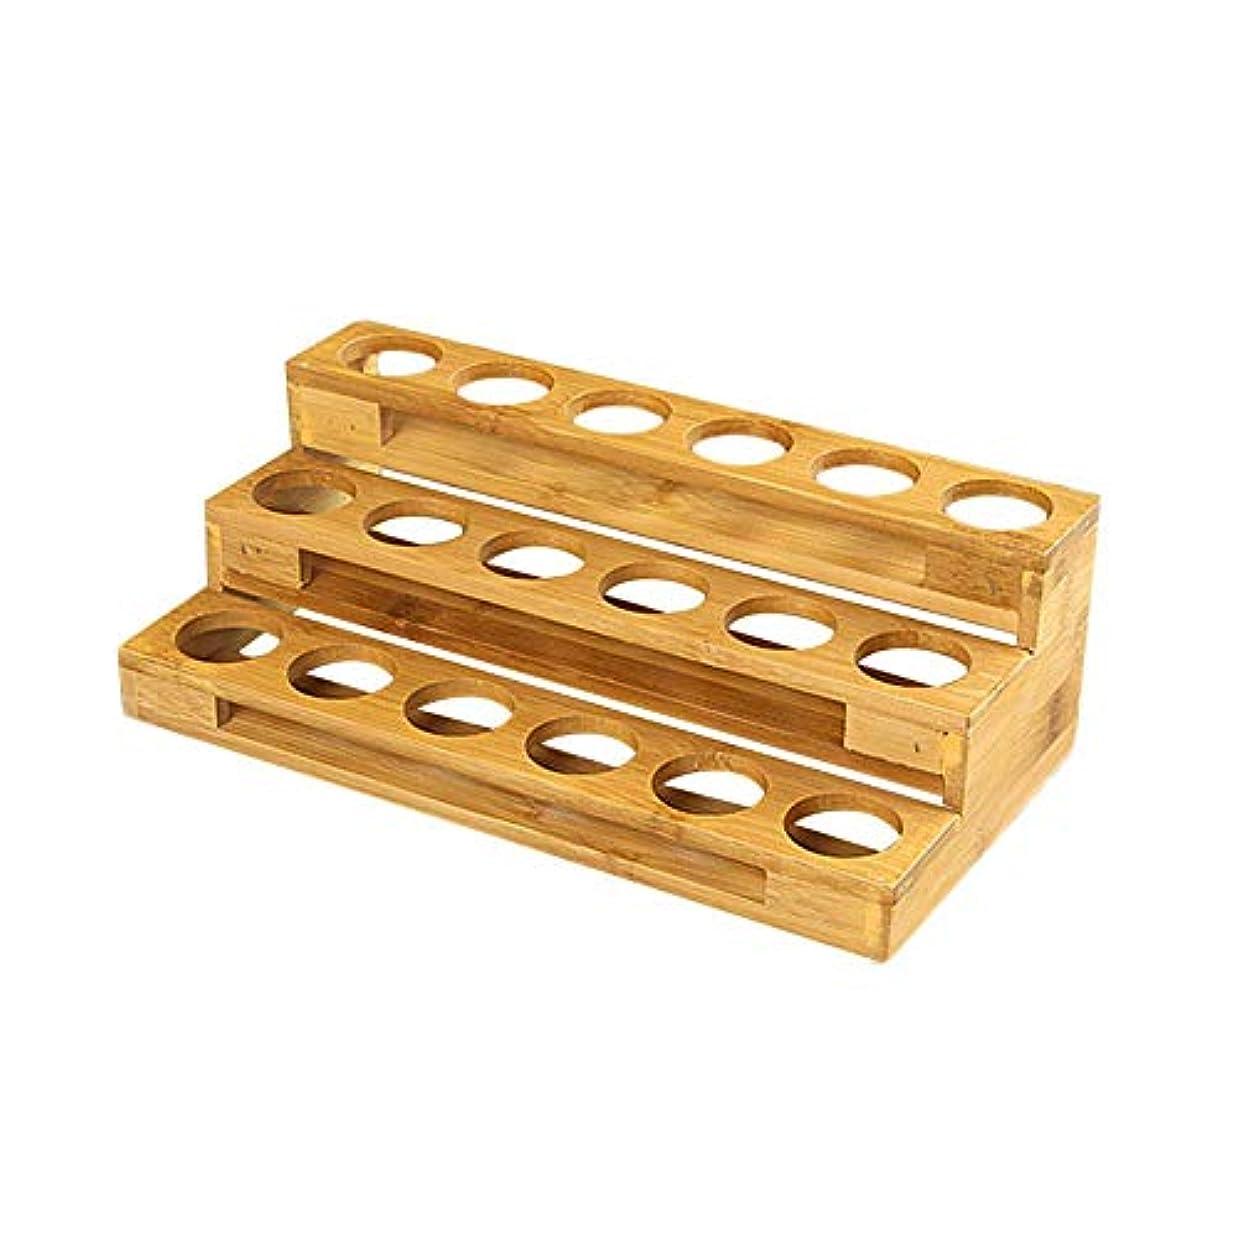 コンテスト統治可能文法エッセンシャルオイル収納ボックス 自然木製 エッセンシャルオイルオイル 収納 ボックス 香水収納ケース はしごタイプ アロマオイル収納ボックス 18本用